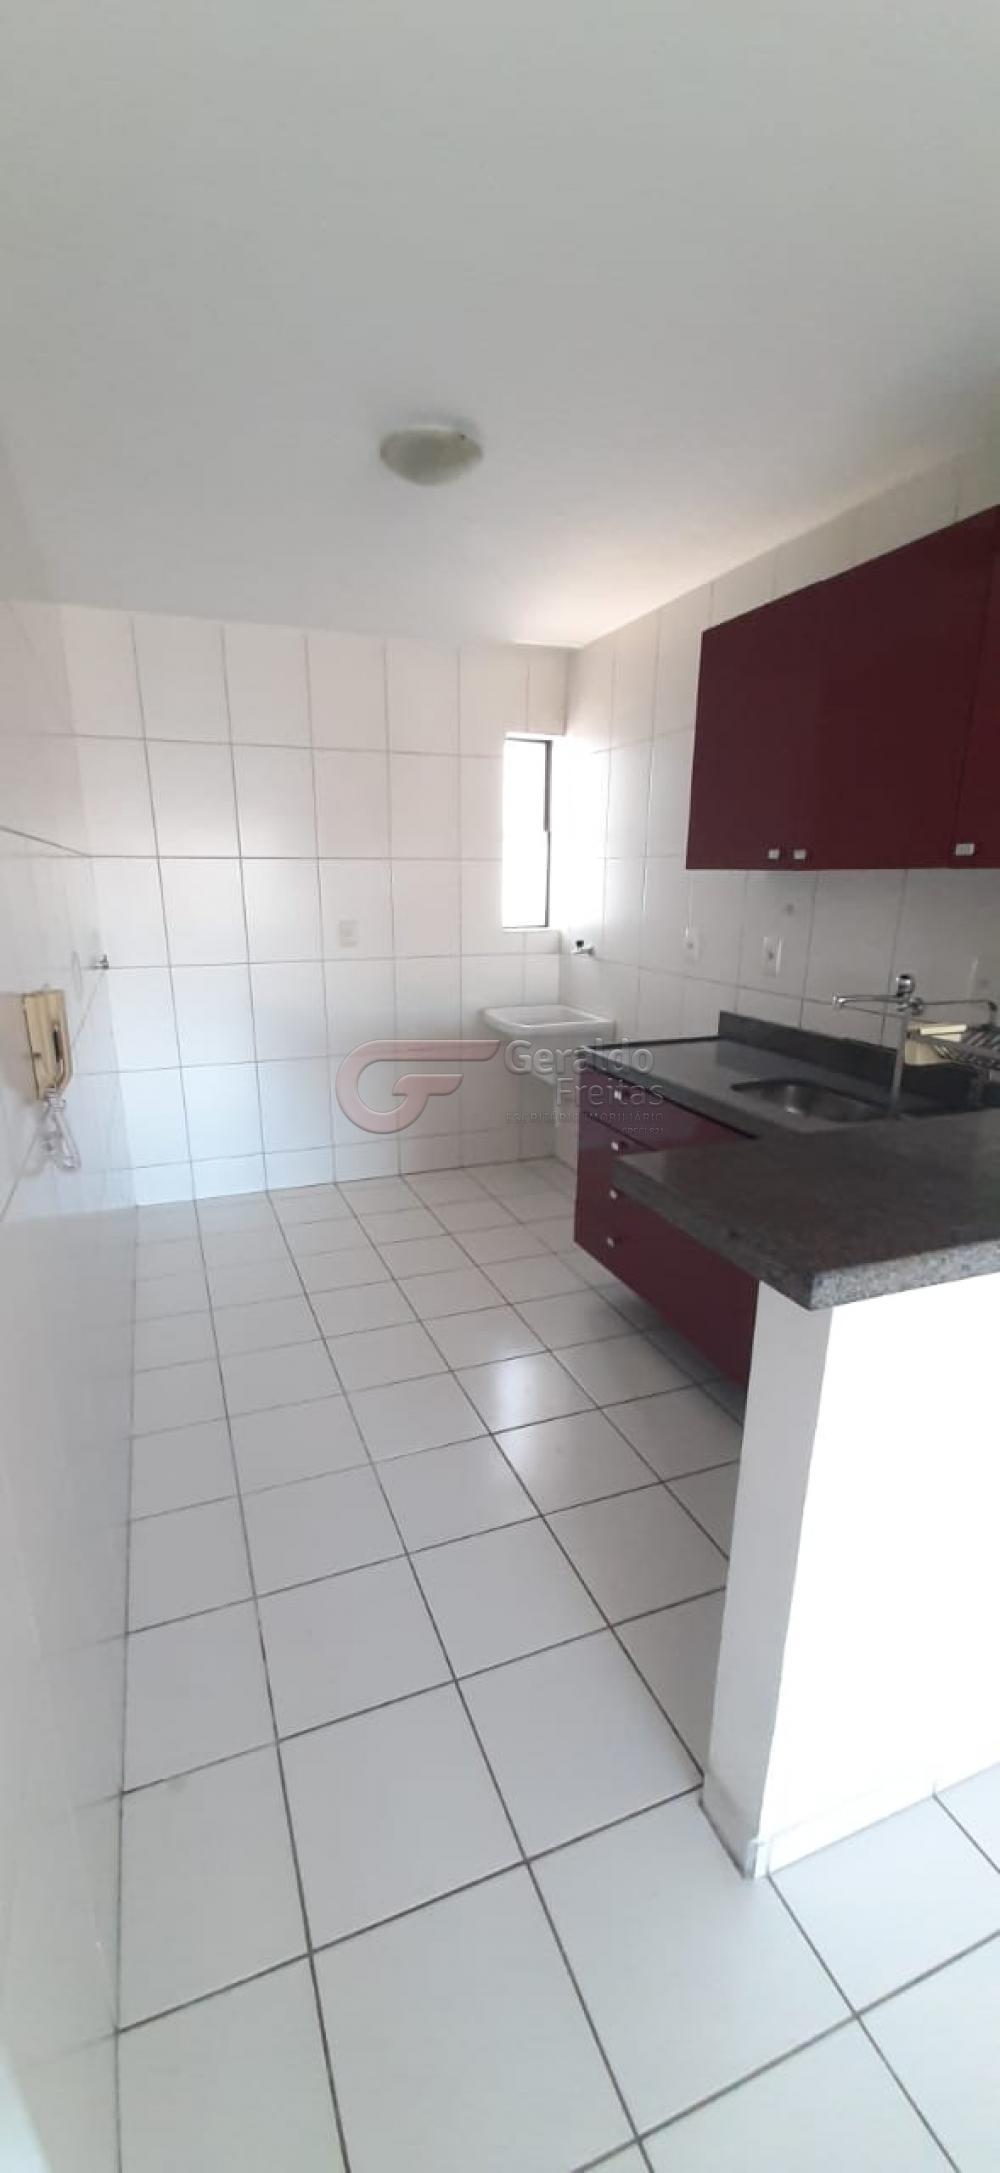 Comprar Apartamentos / 02 quartos em Maceió apenas R$ 280.000,00 - Foto 6